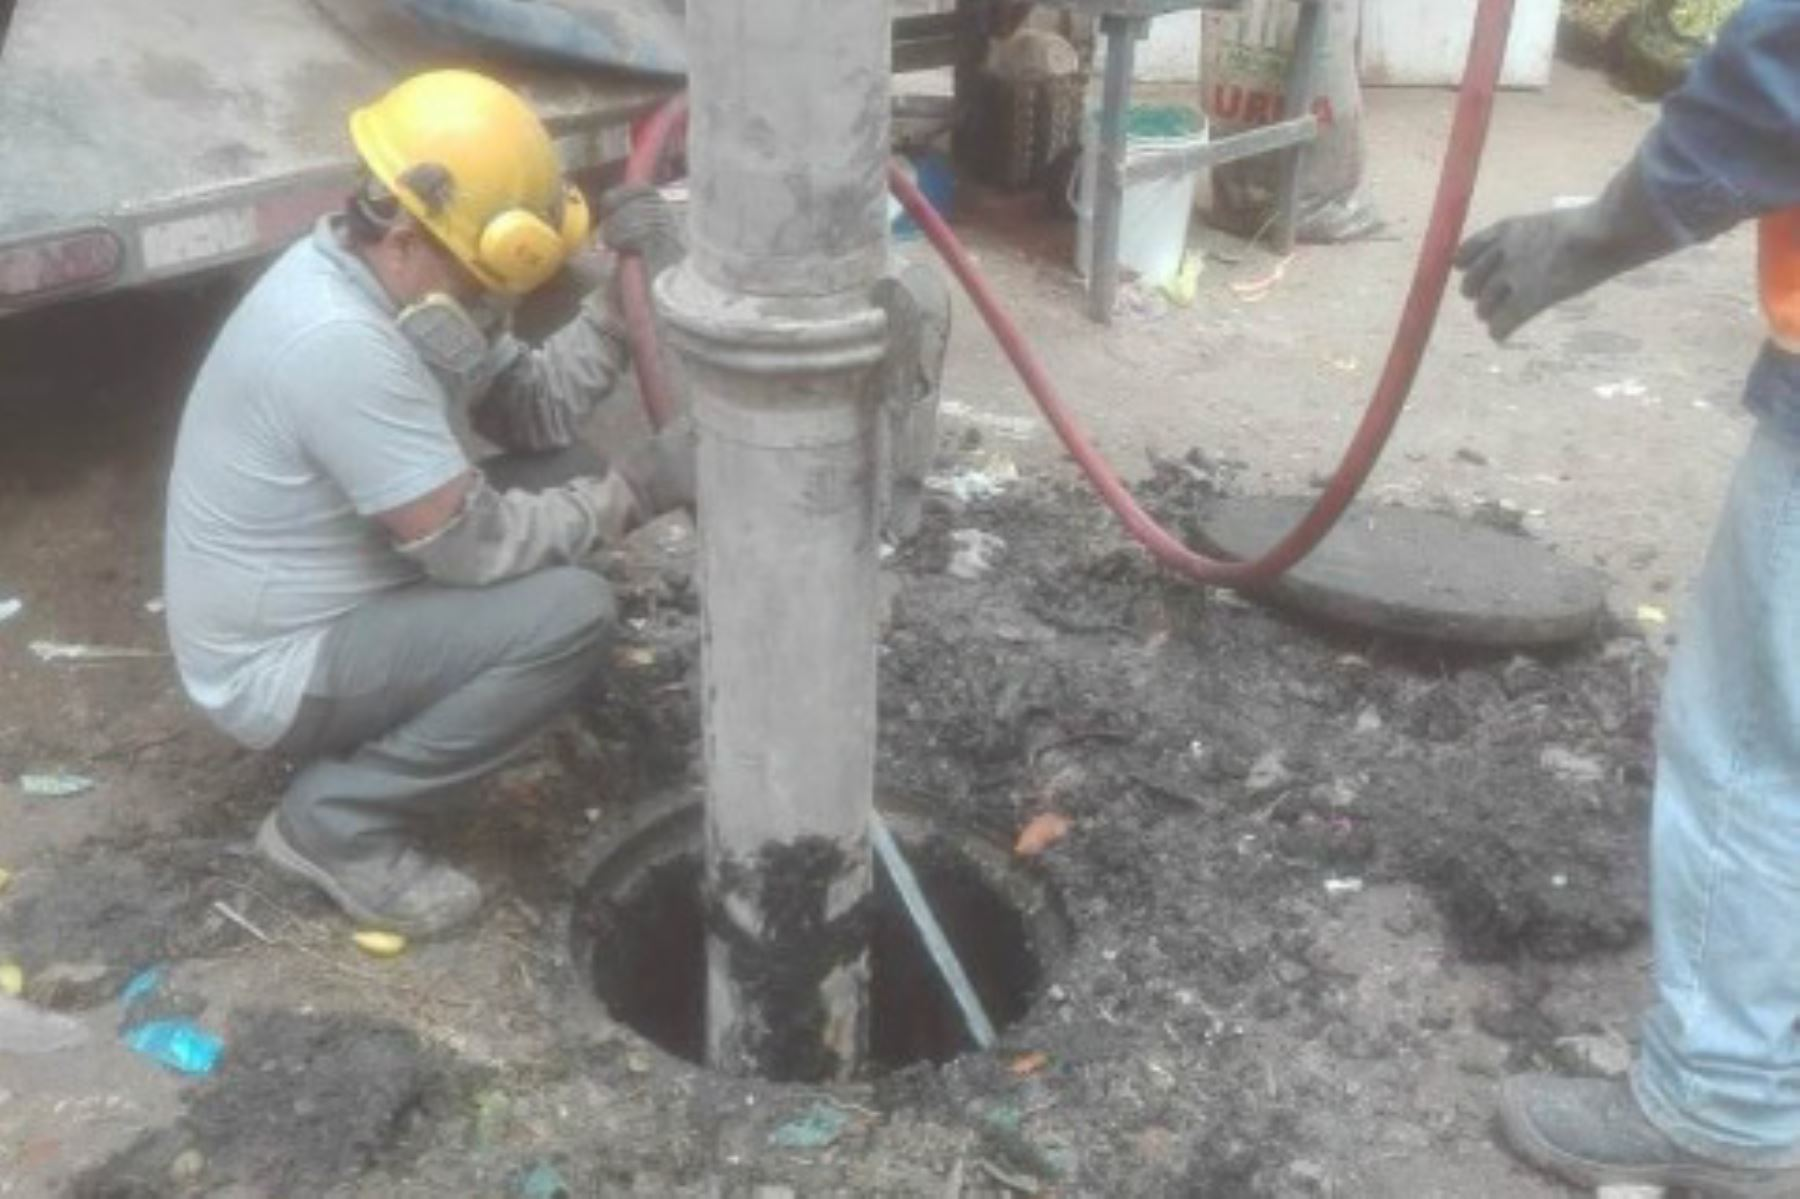 La Operación Alcantarillado es un programa que, con 25 hidrojets y 10 camiones cisterna en total, realizará el mantenimiento preventivo de más del 10% de las redes de alcantarillado del país.